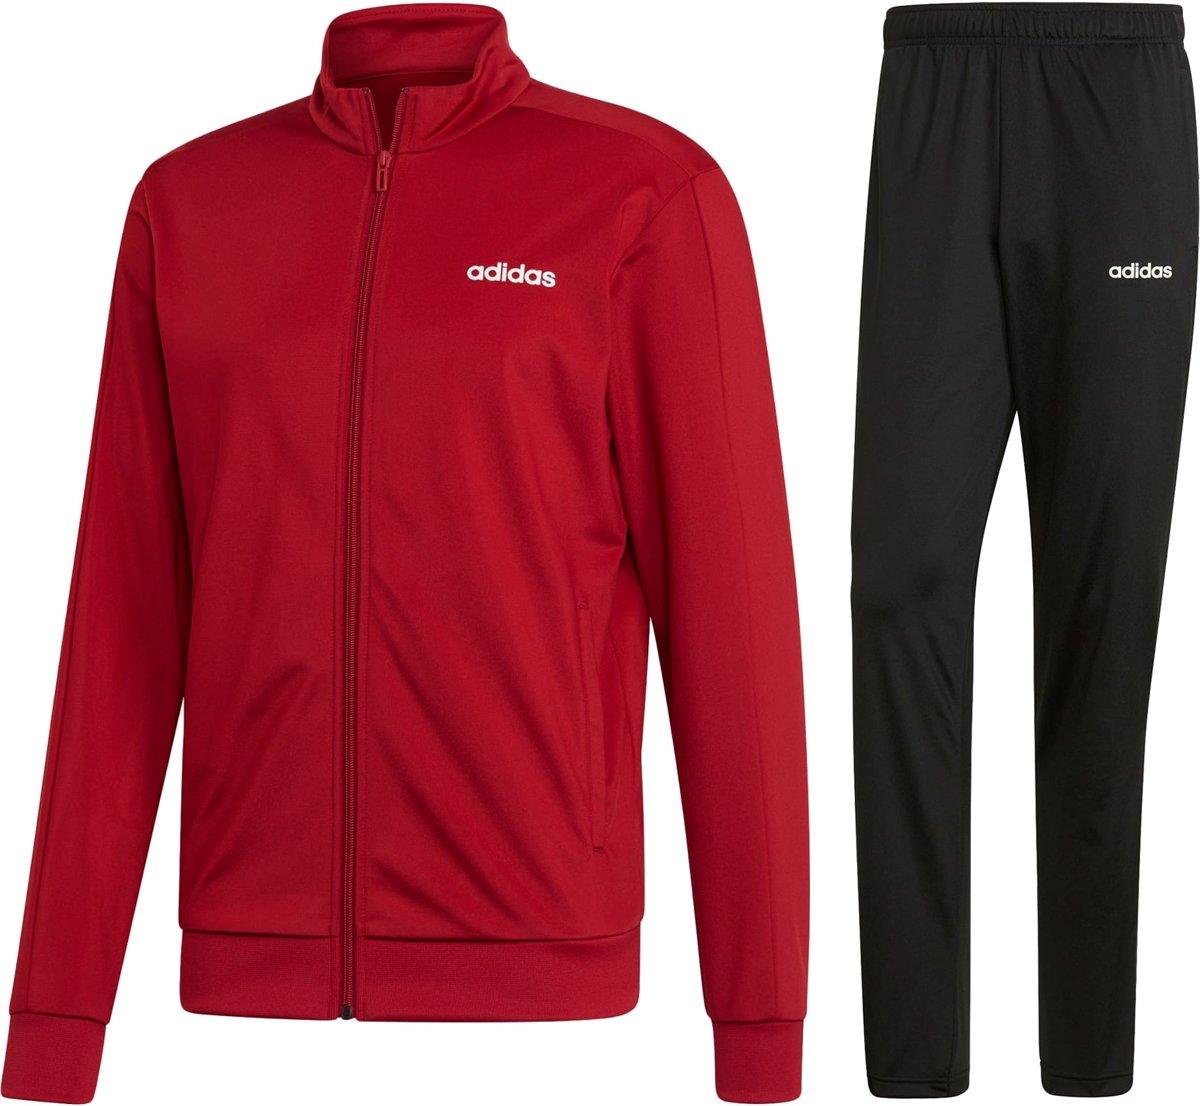 adidas MTS Basics Trainingspak Maat XL Mannen roodzwart